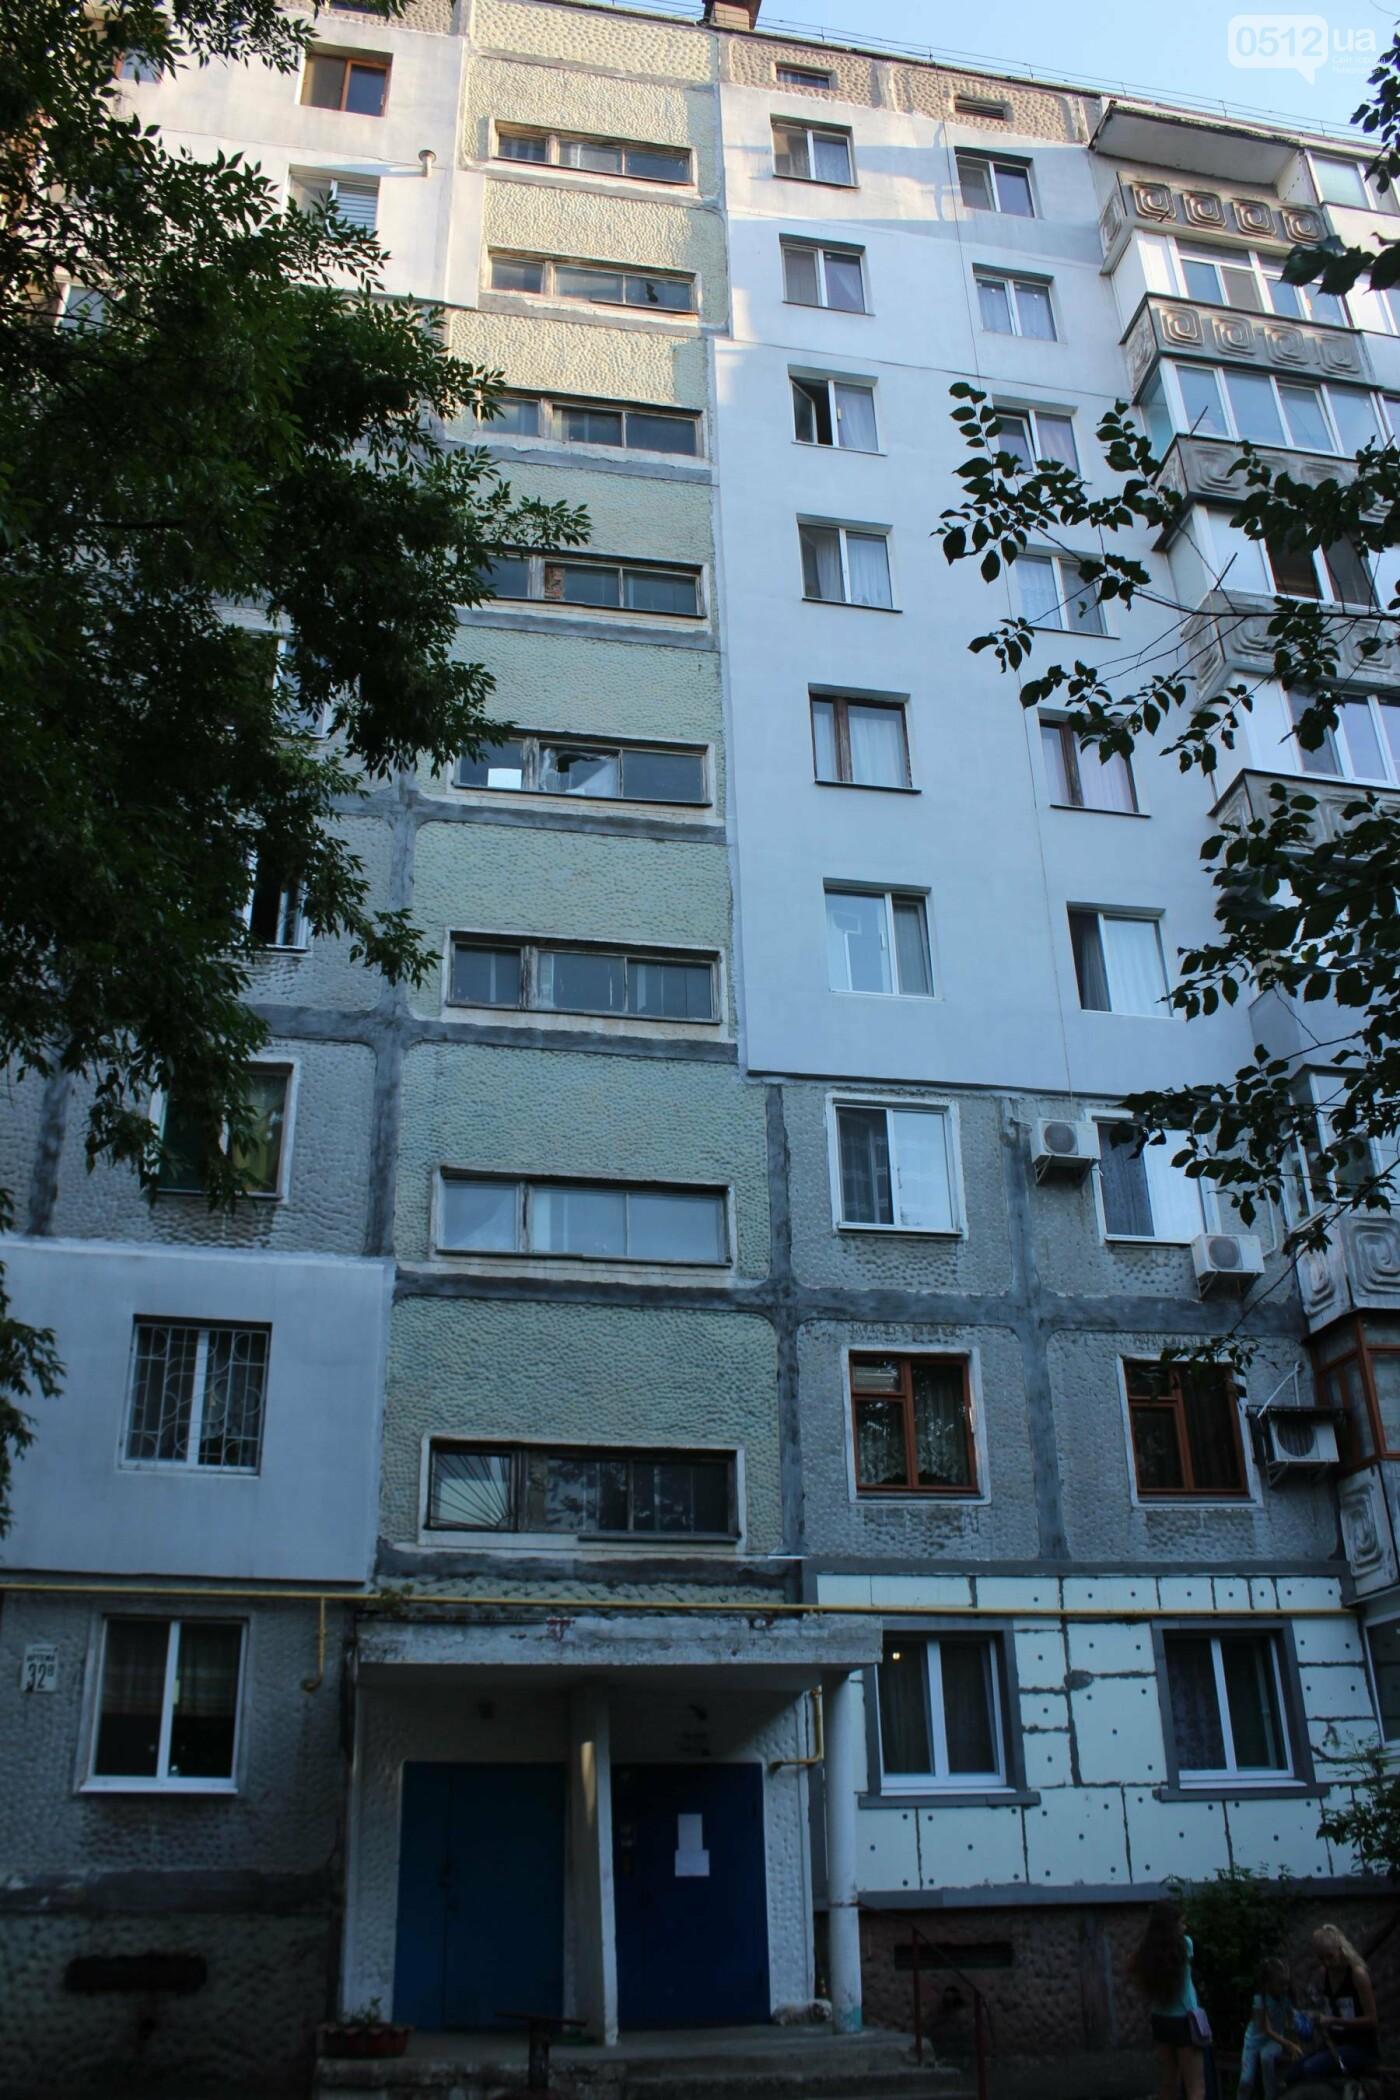 Поломанный лифт в многоэтажном доме Николаева ремонтируют уже 2 месяца, - ФОТО, ВИДЕО, фото-1